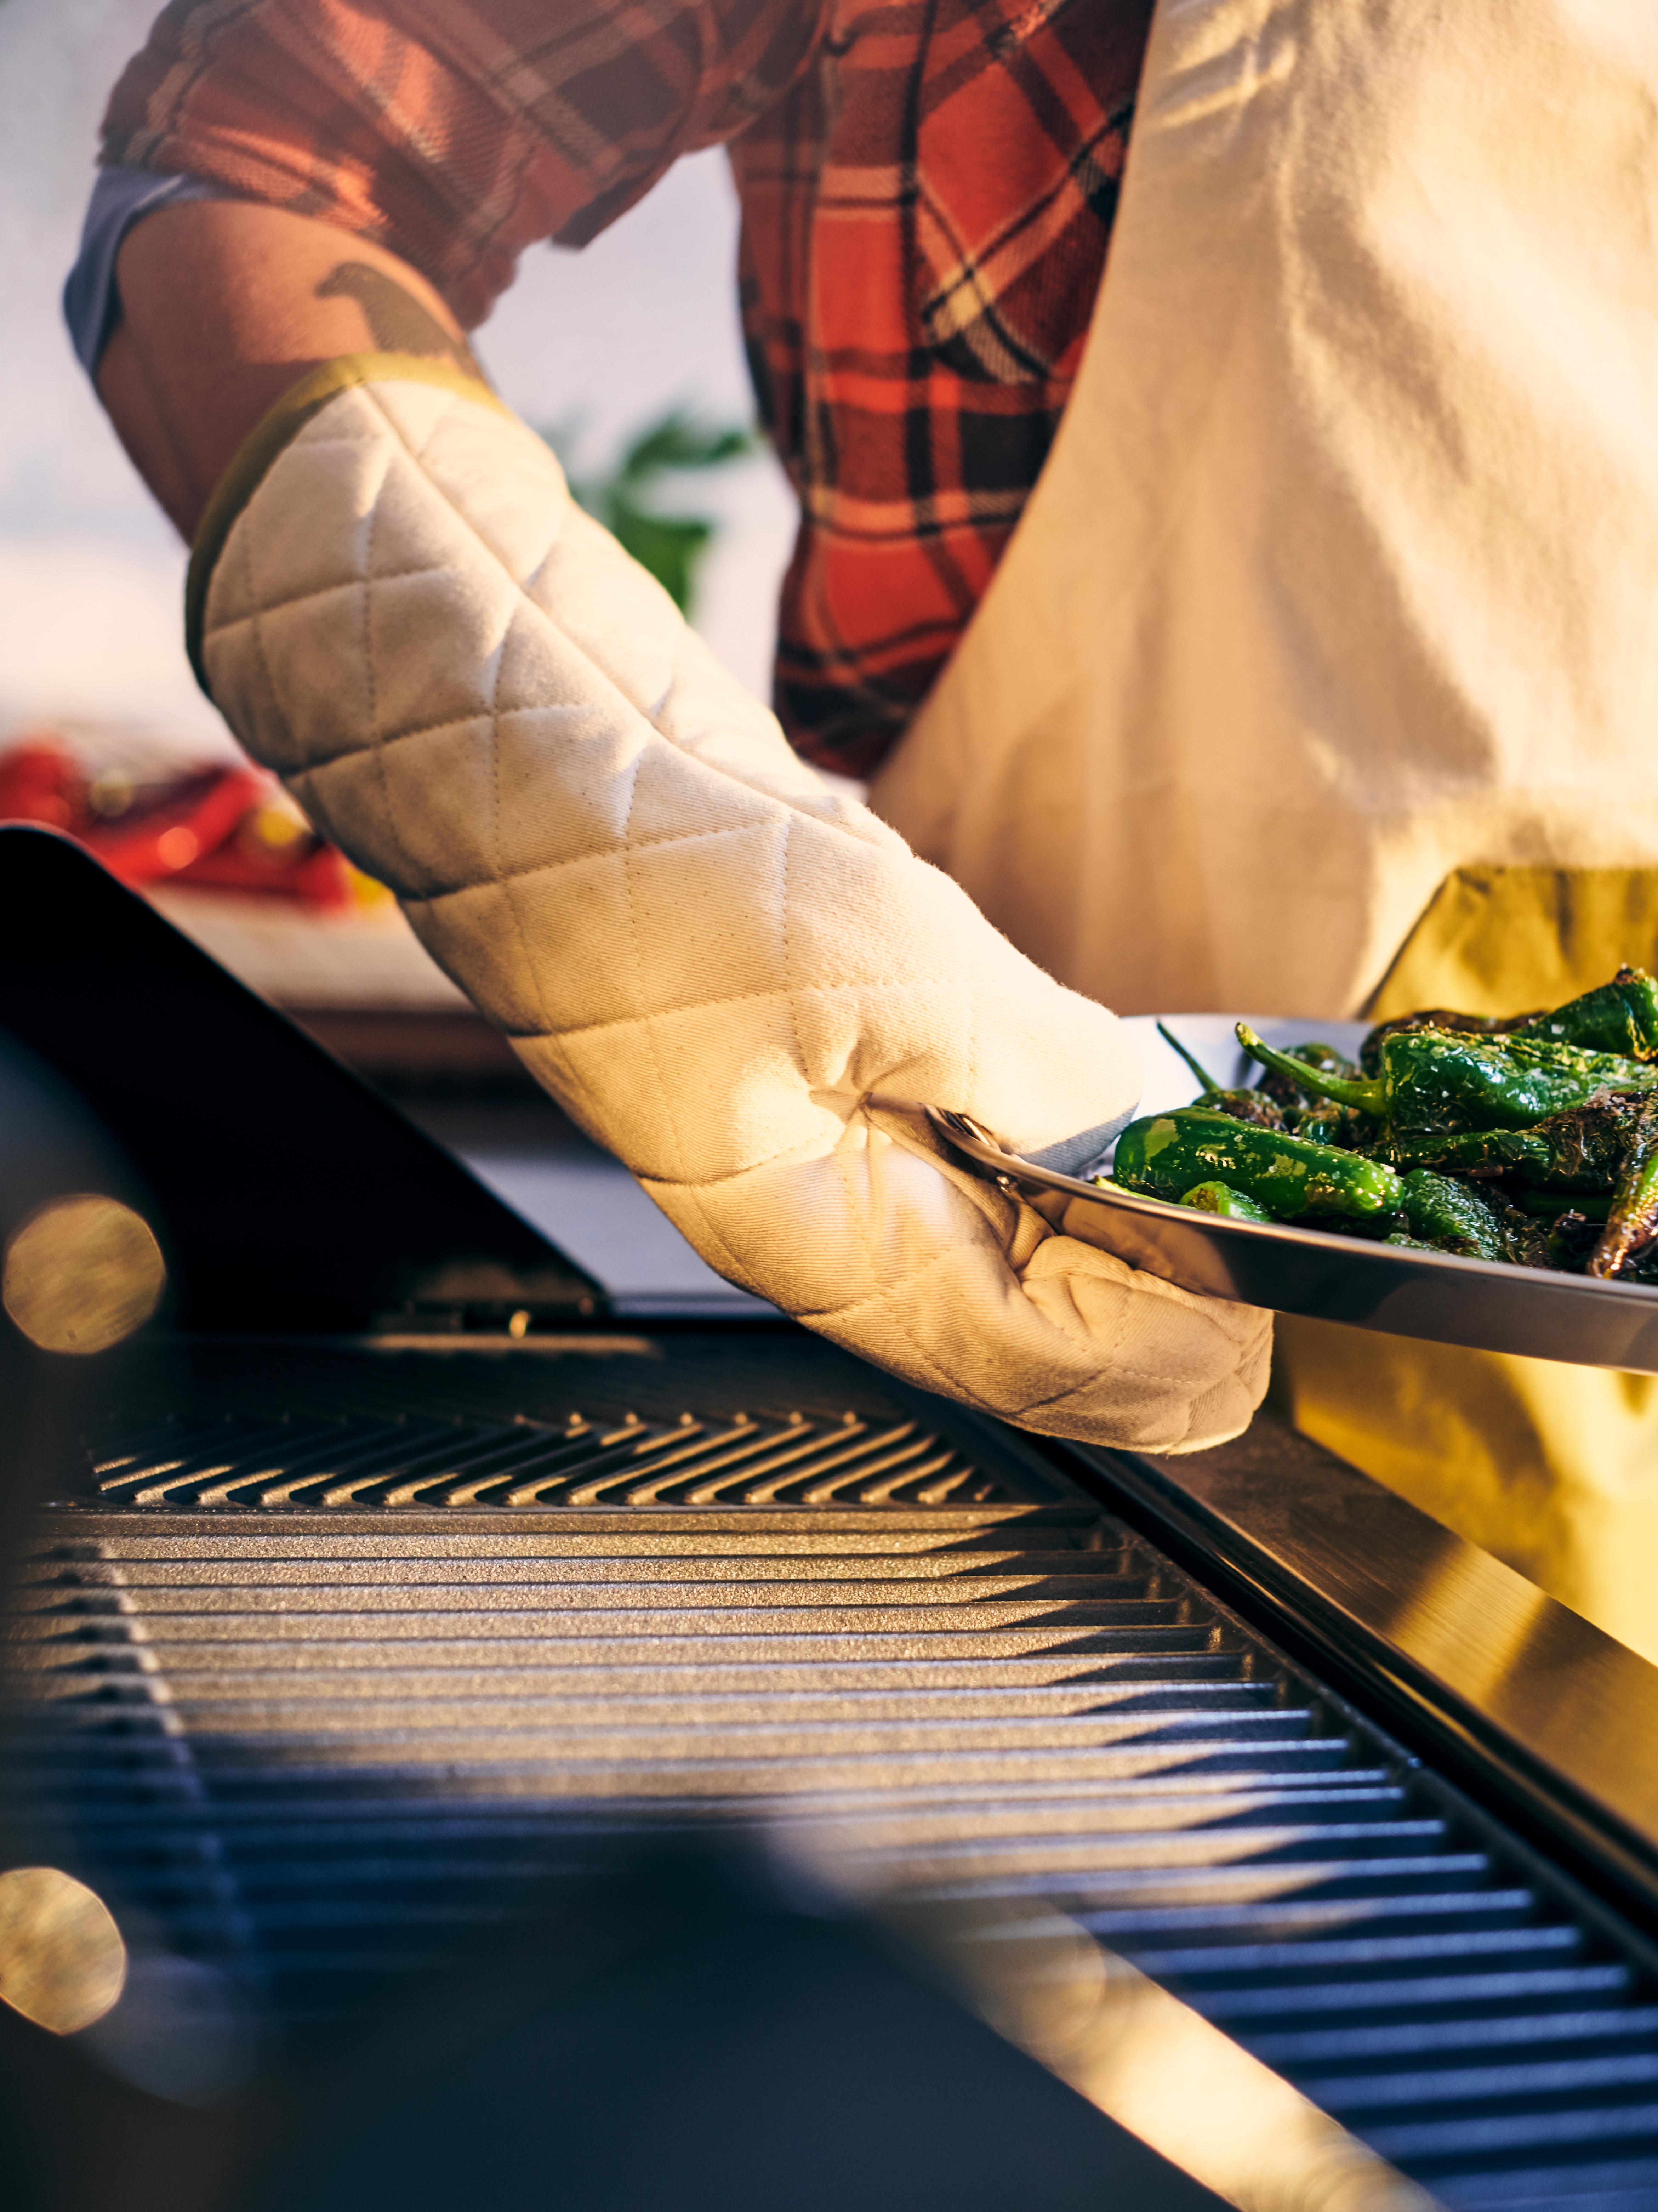 Un cuisinier porte des gants de cuisine GRILLTIDER et un tablier pour ramasser un plateau de légumes du barbecue à gaz GRILLSKÄR .